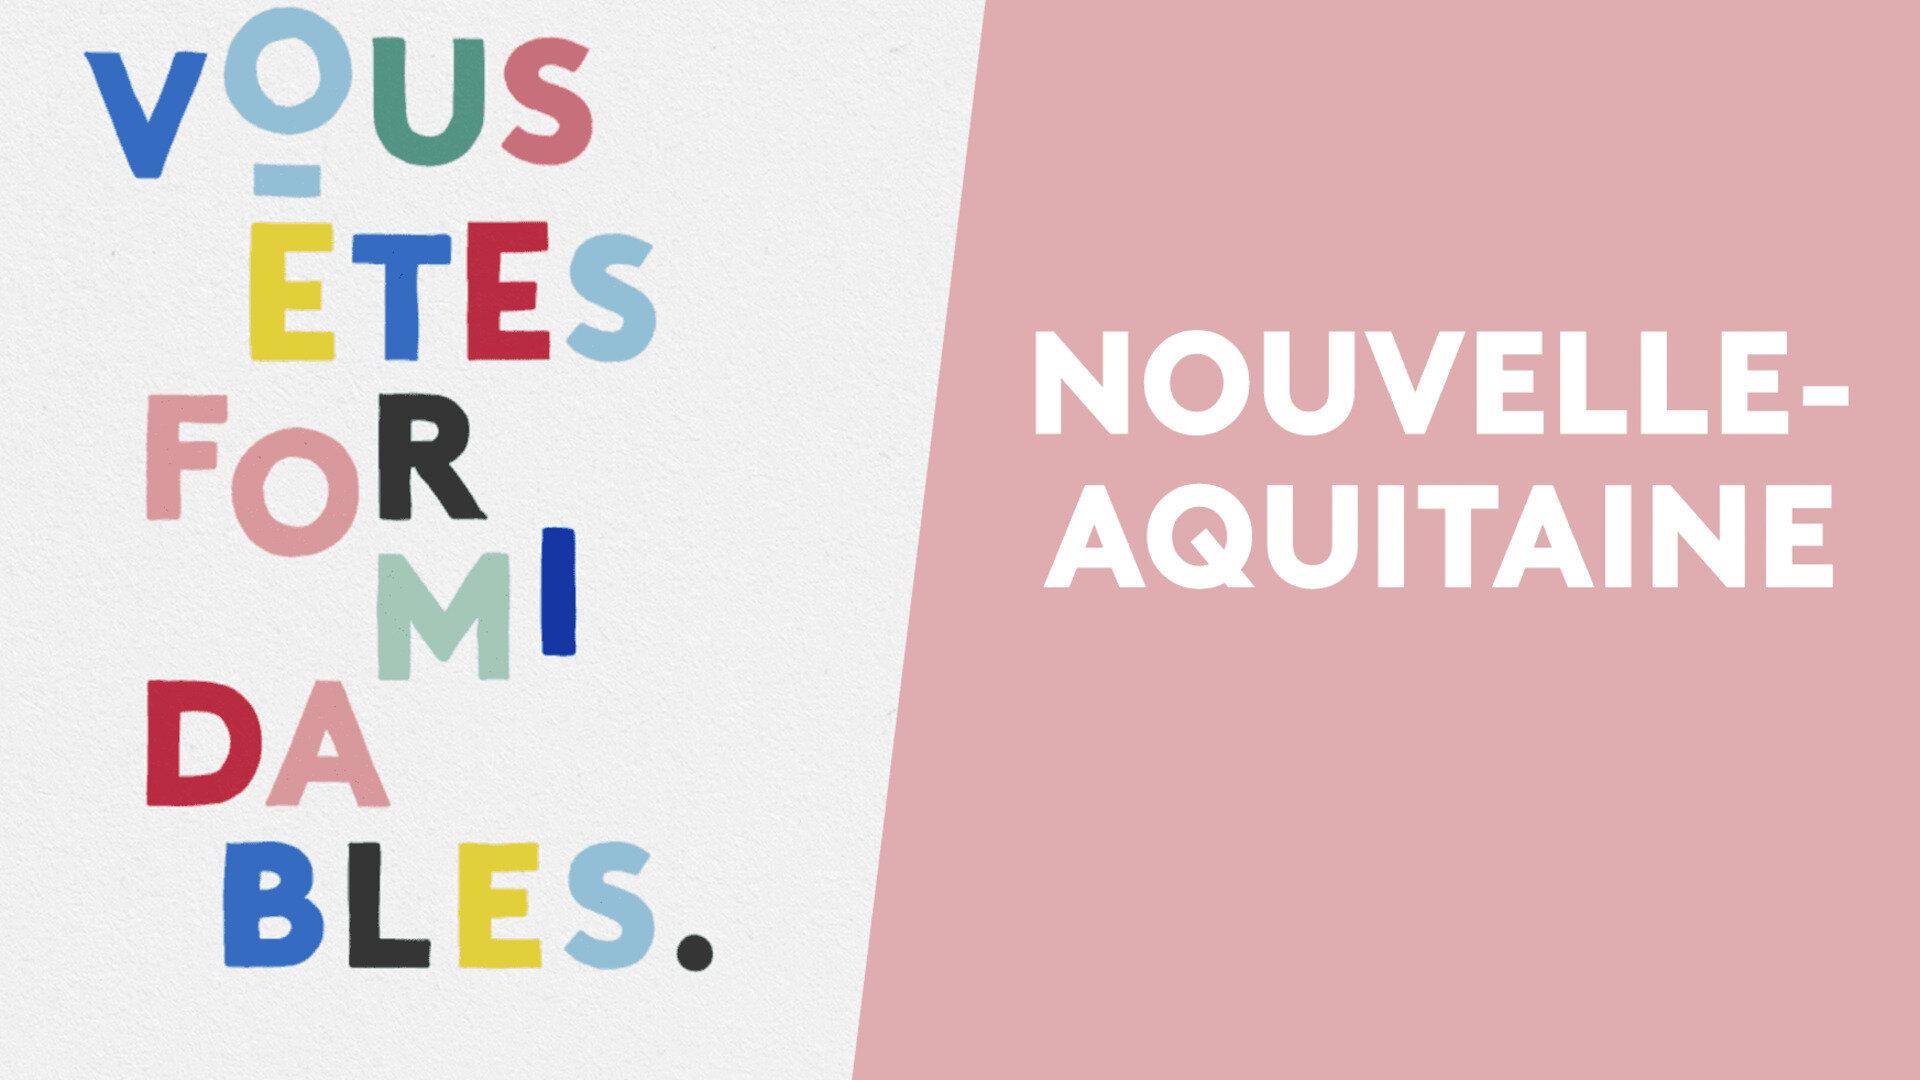 Vous êtes formidables - Nouvelle-Aquitaine